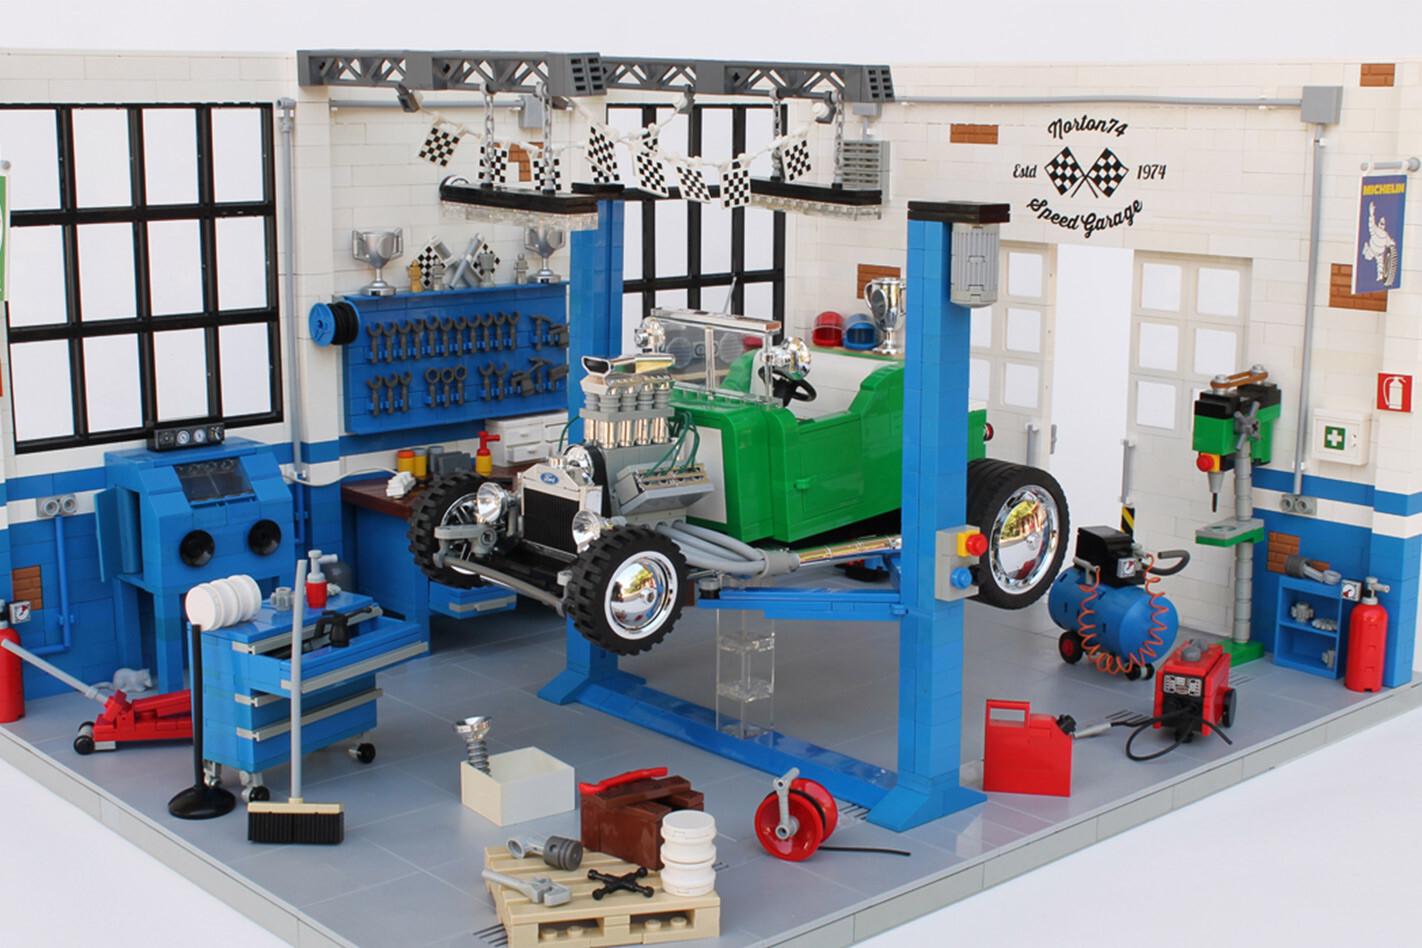 Lego hot rod in garage